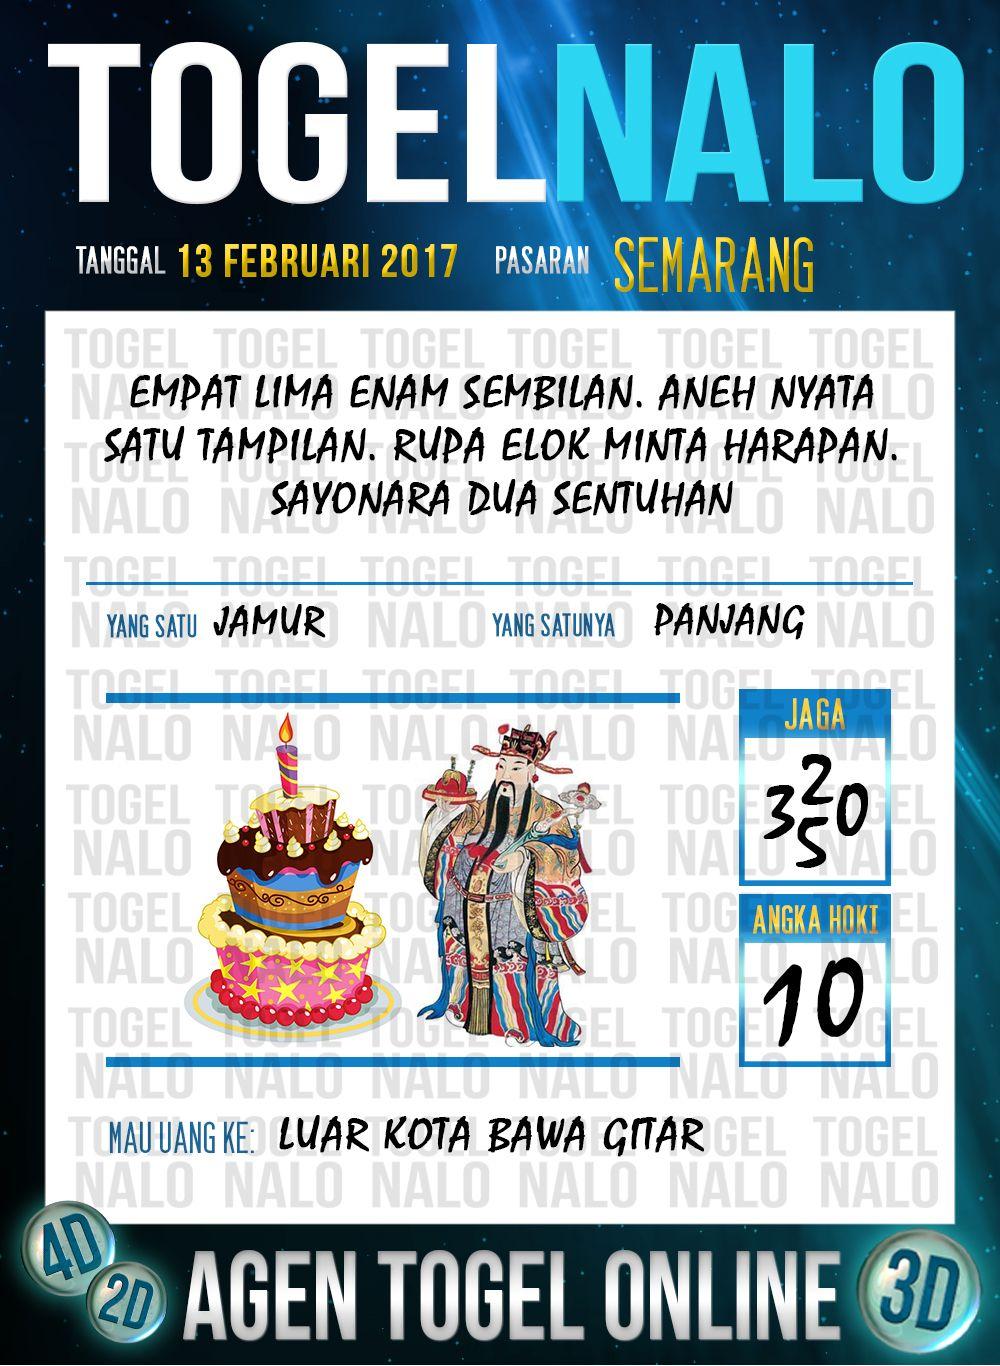 Tafsir Acak 2d Togel Wap Online Live Draw 4d Togelnalo Semarang 13 Februari 2017 Banda Aceh Tanggal